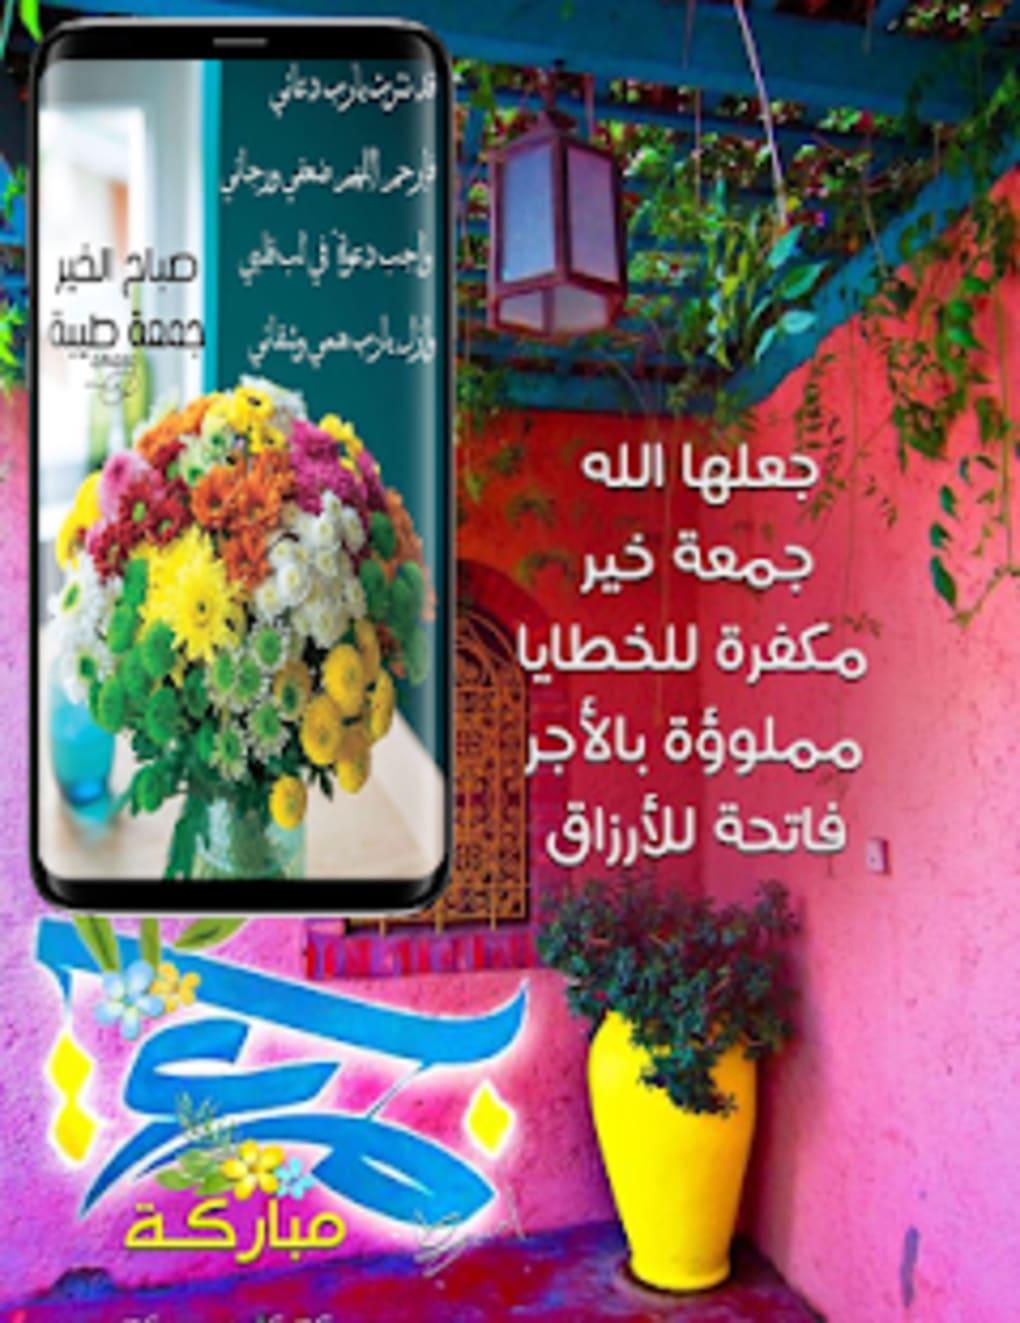 صور جمعة مباركة 2020 مسجات جمعة مباركة صور تهاني يوم الجمعة 4 1